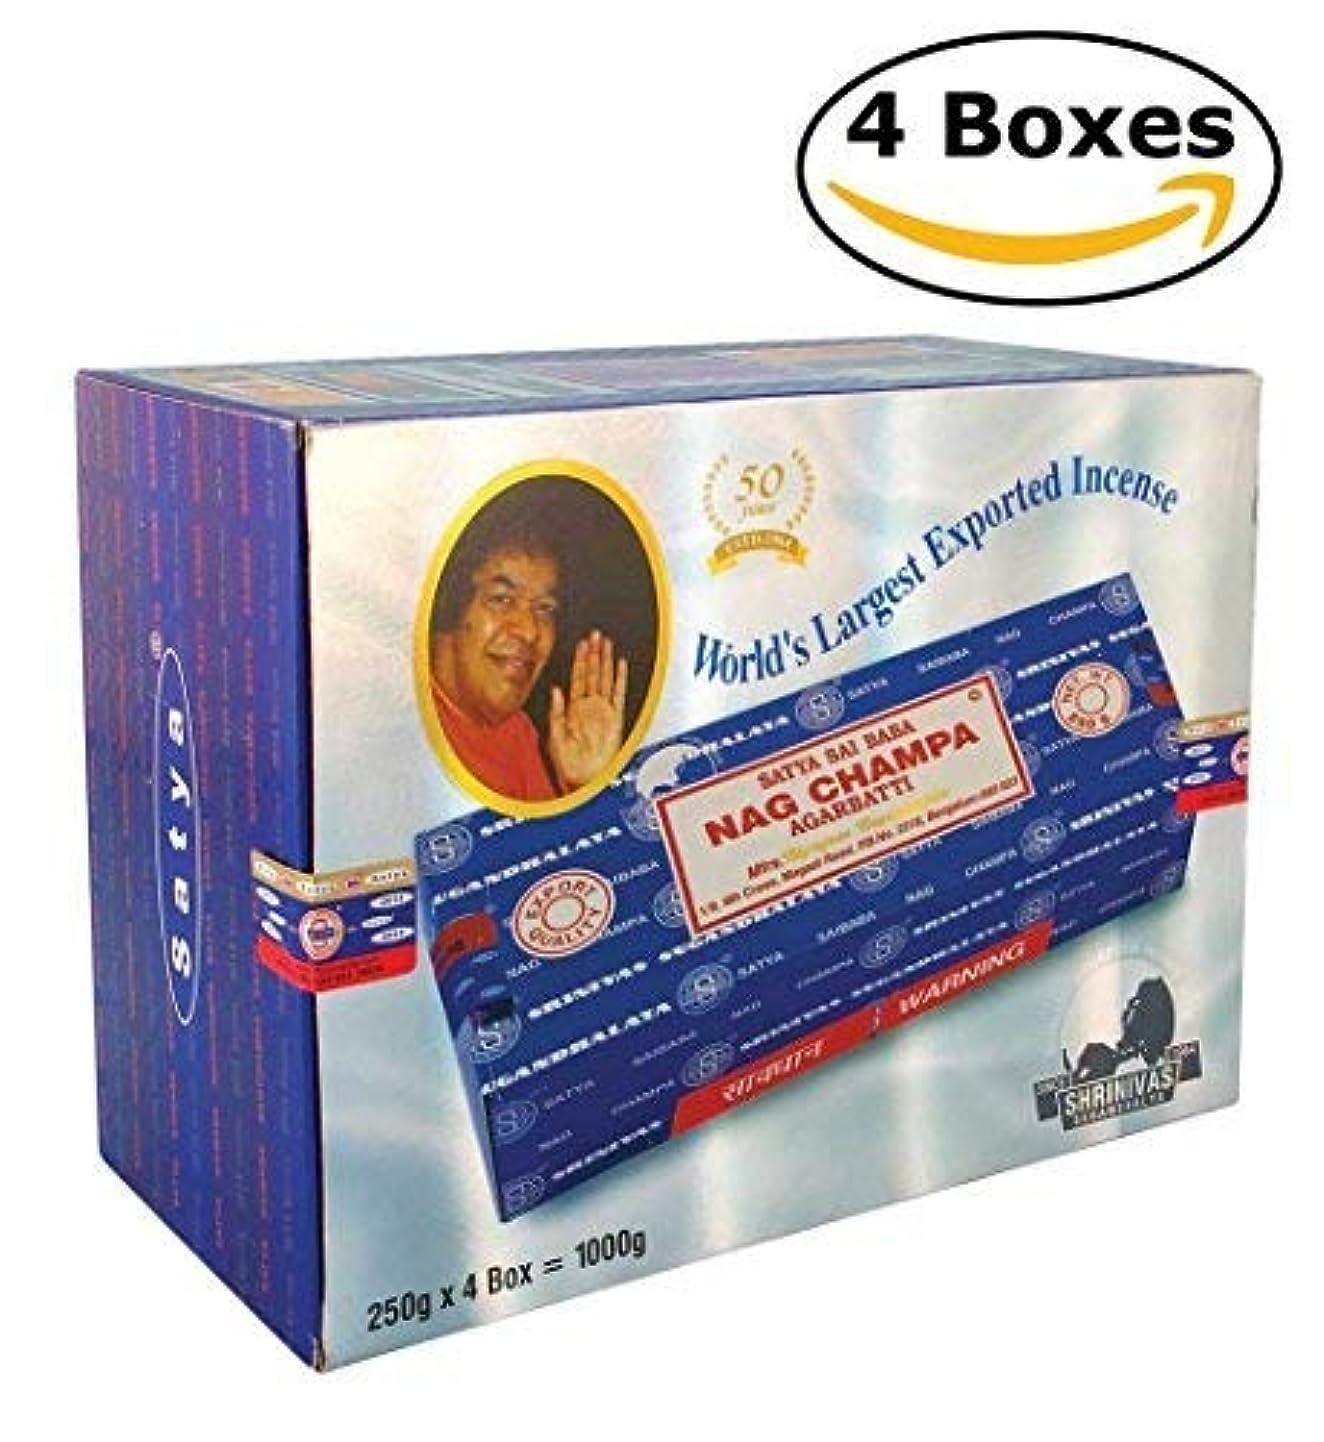 引数上級カブSai Baba Nag Champa Incense 1000 Gram (1000g - 4 packs) [並行輸入品]